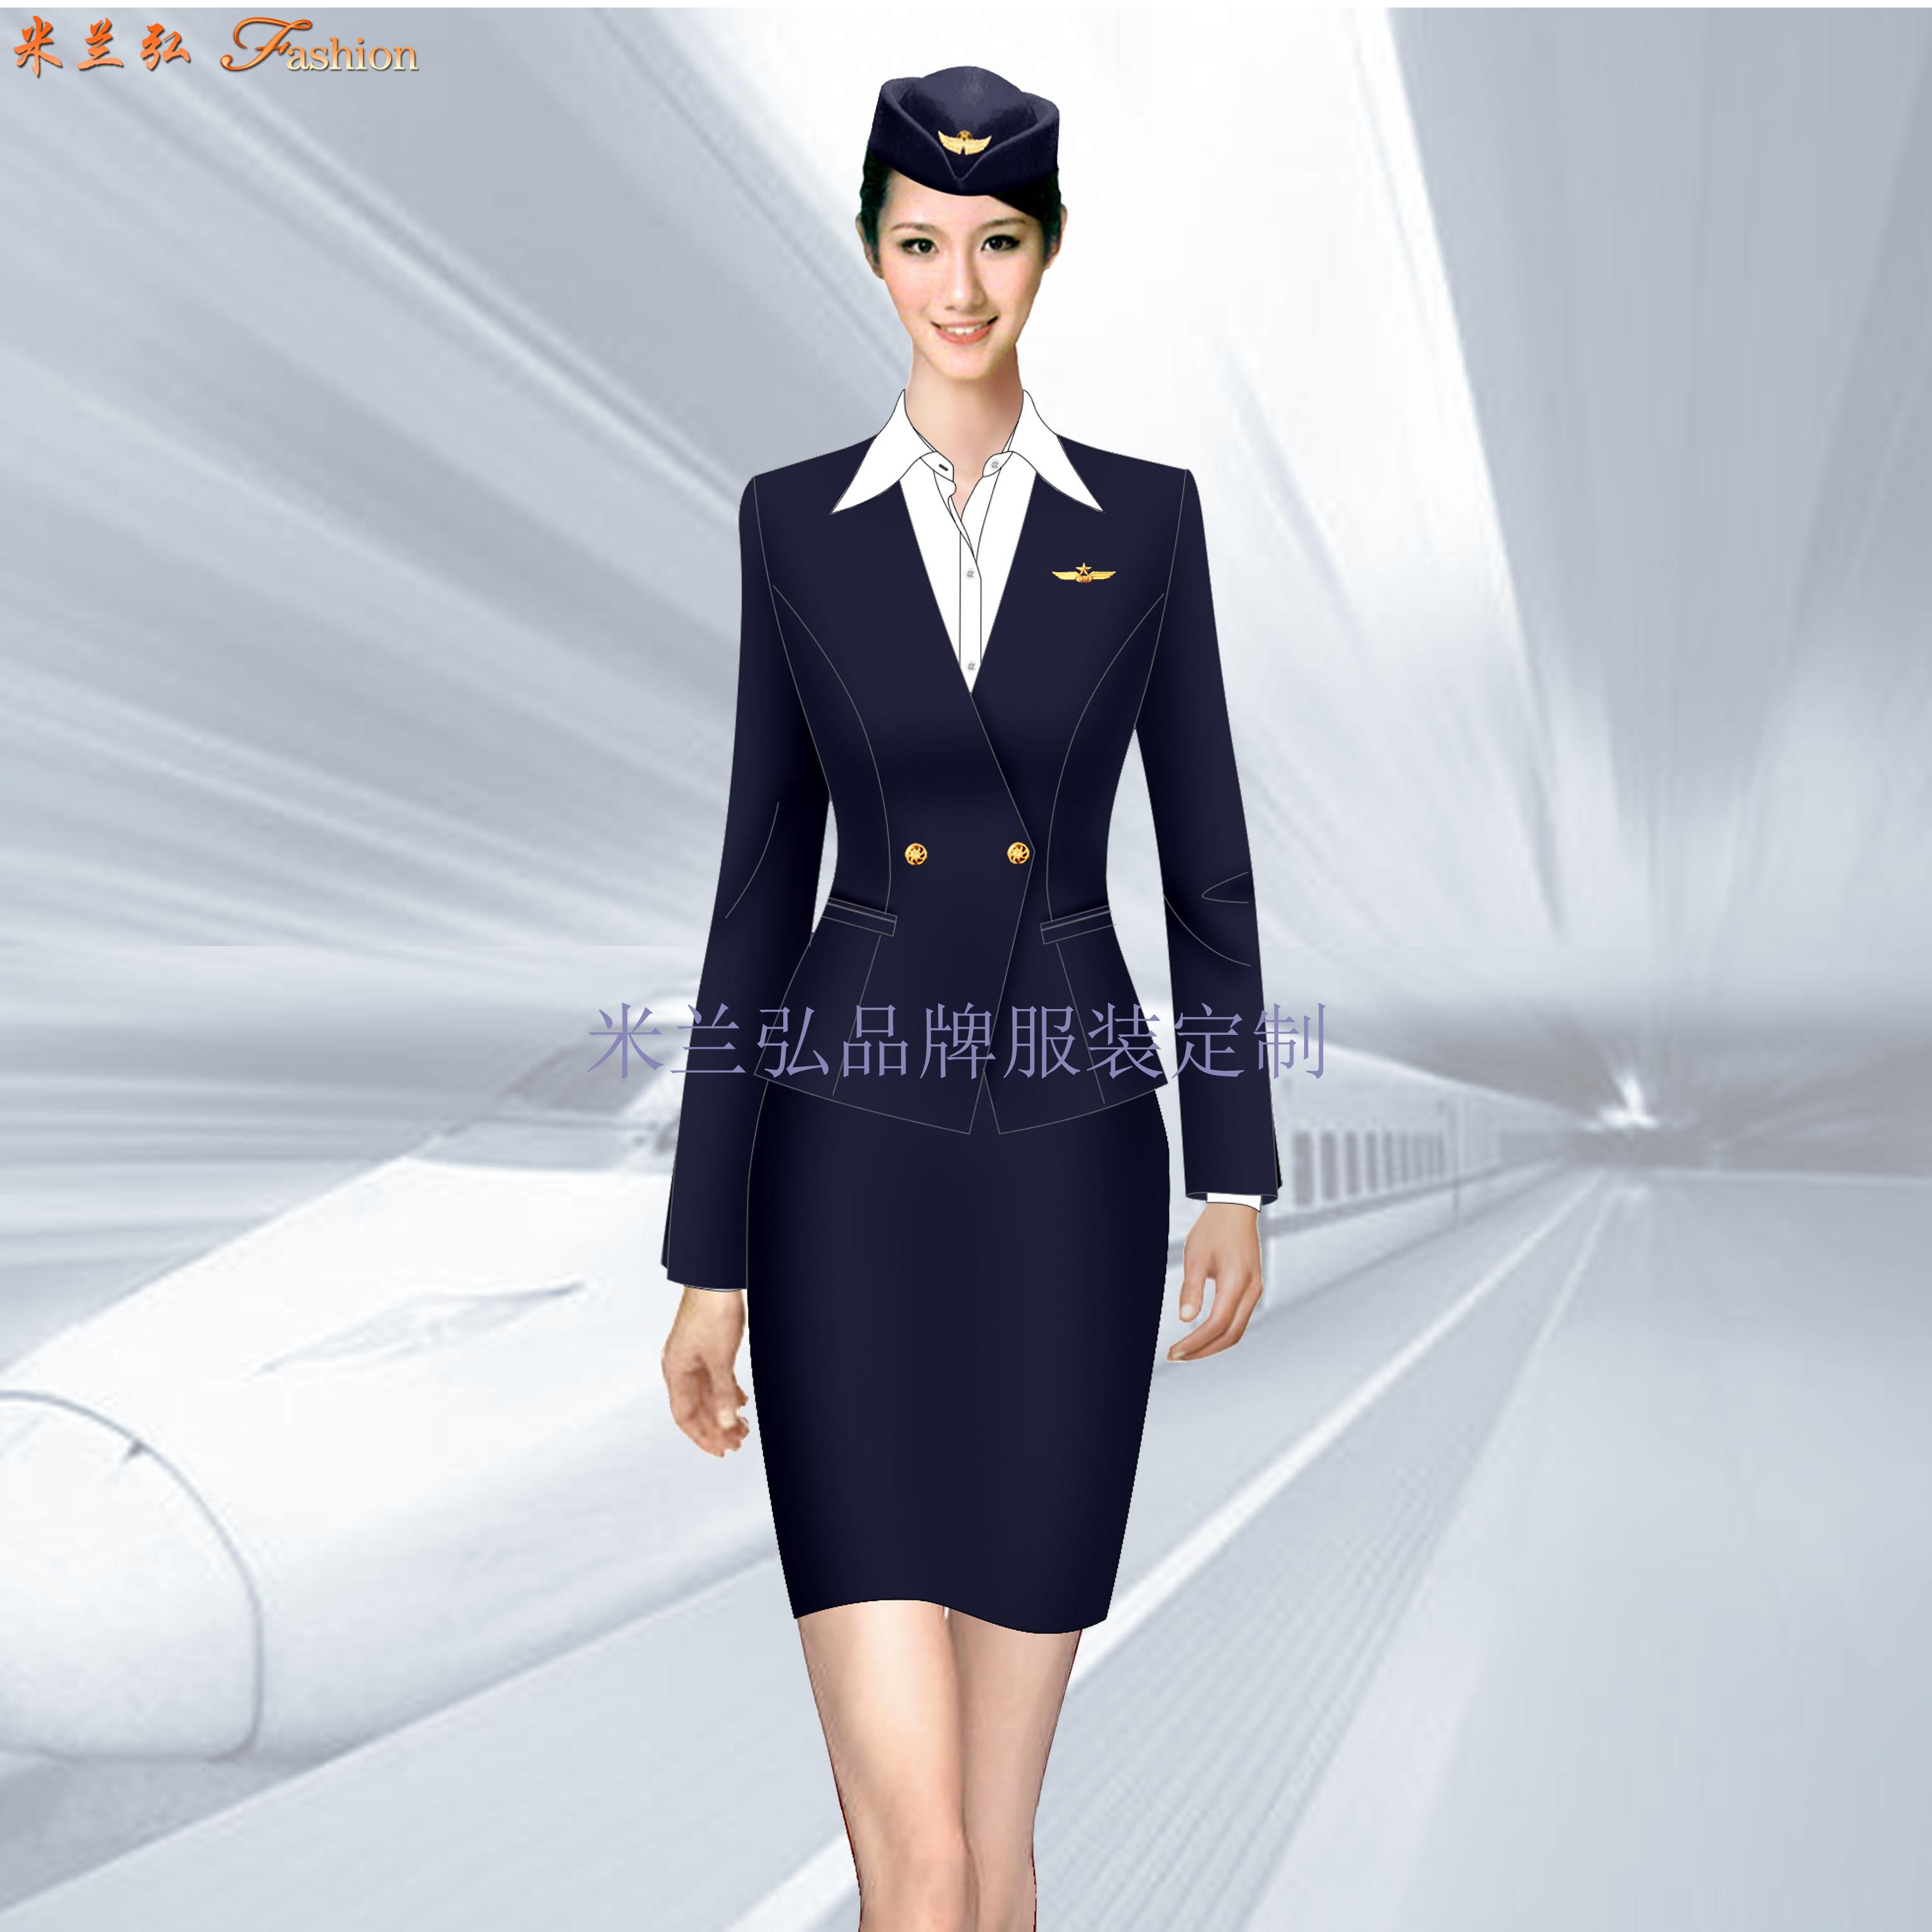 「女裝空姐服定做」定做空姐服廠家-米蘭弘品牌服裝-5